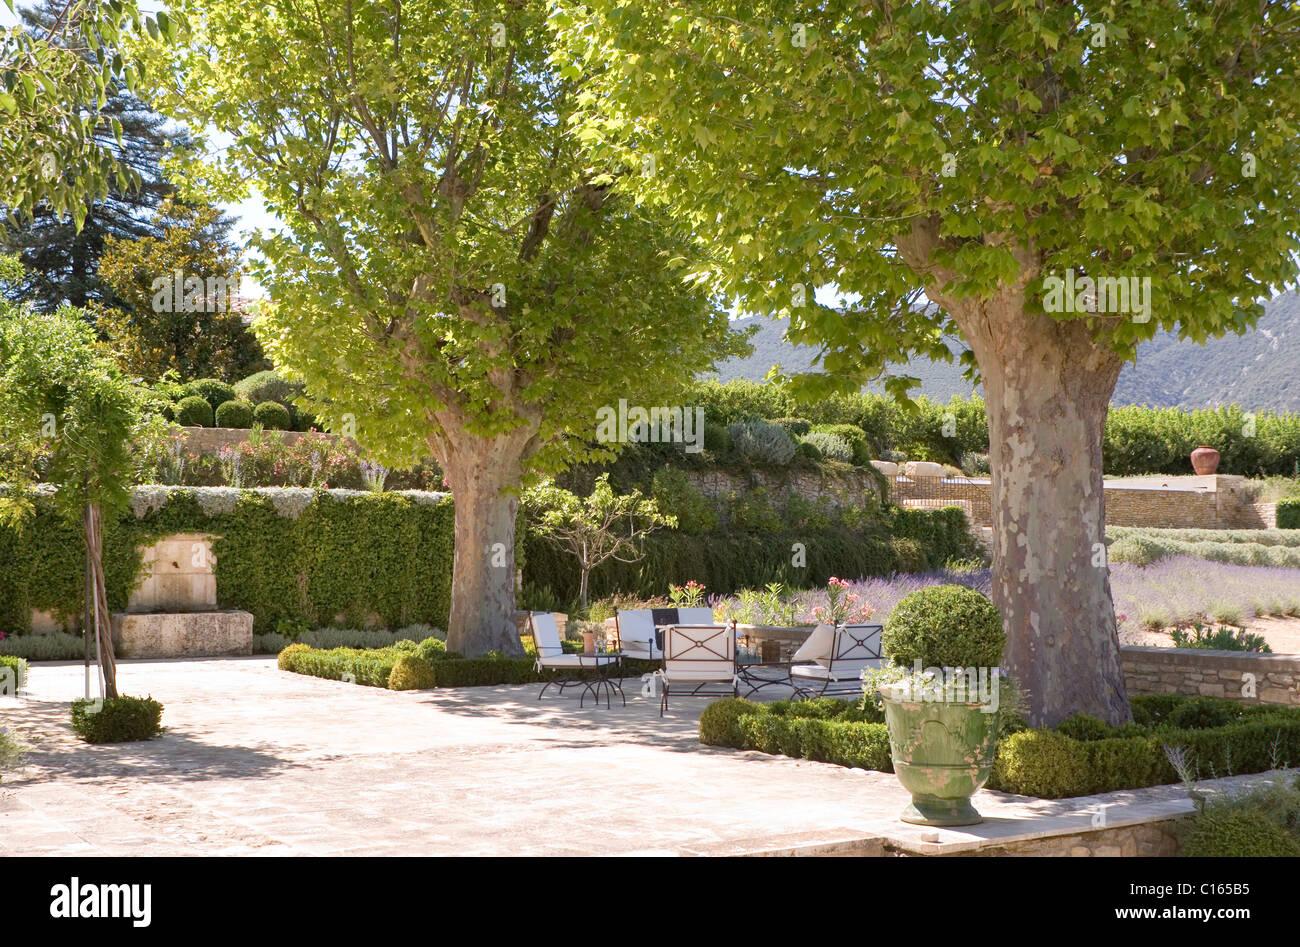 Grandi Alberi Da Giardini piano di grandi alberi in giardino provenzale con topiaria